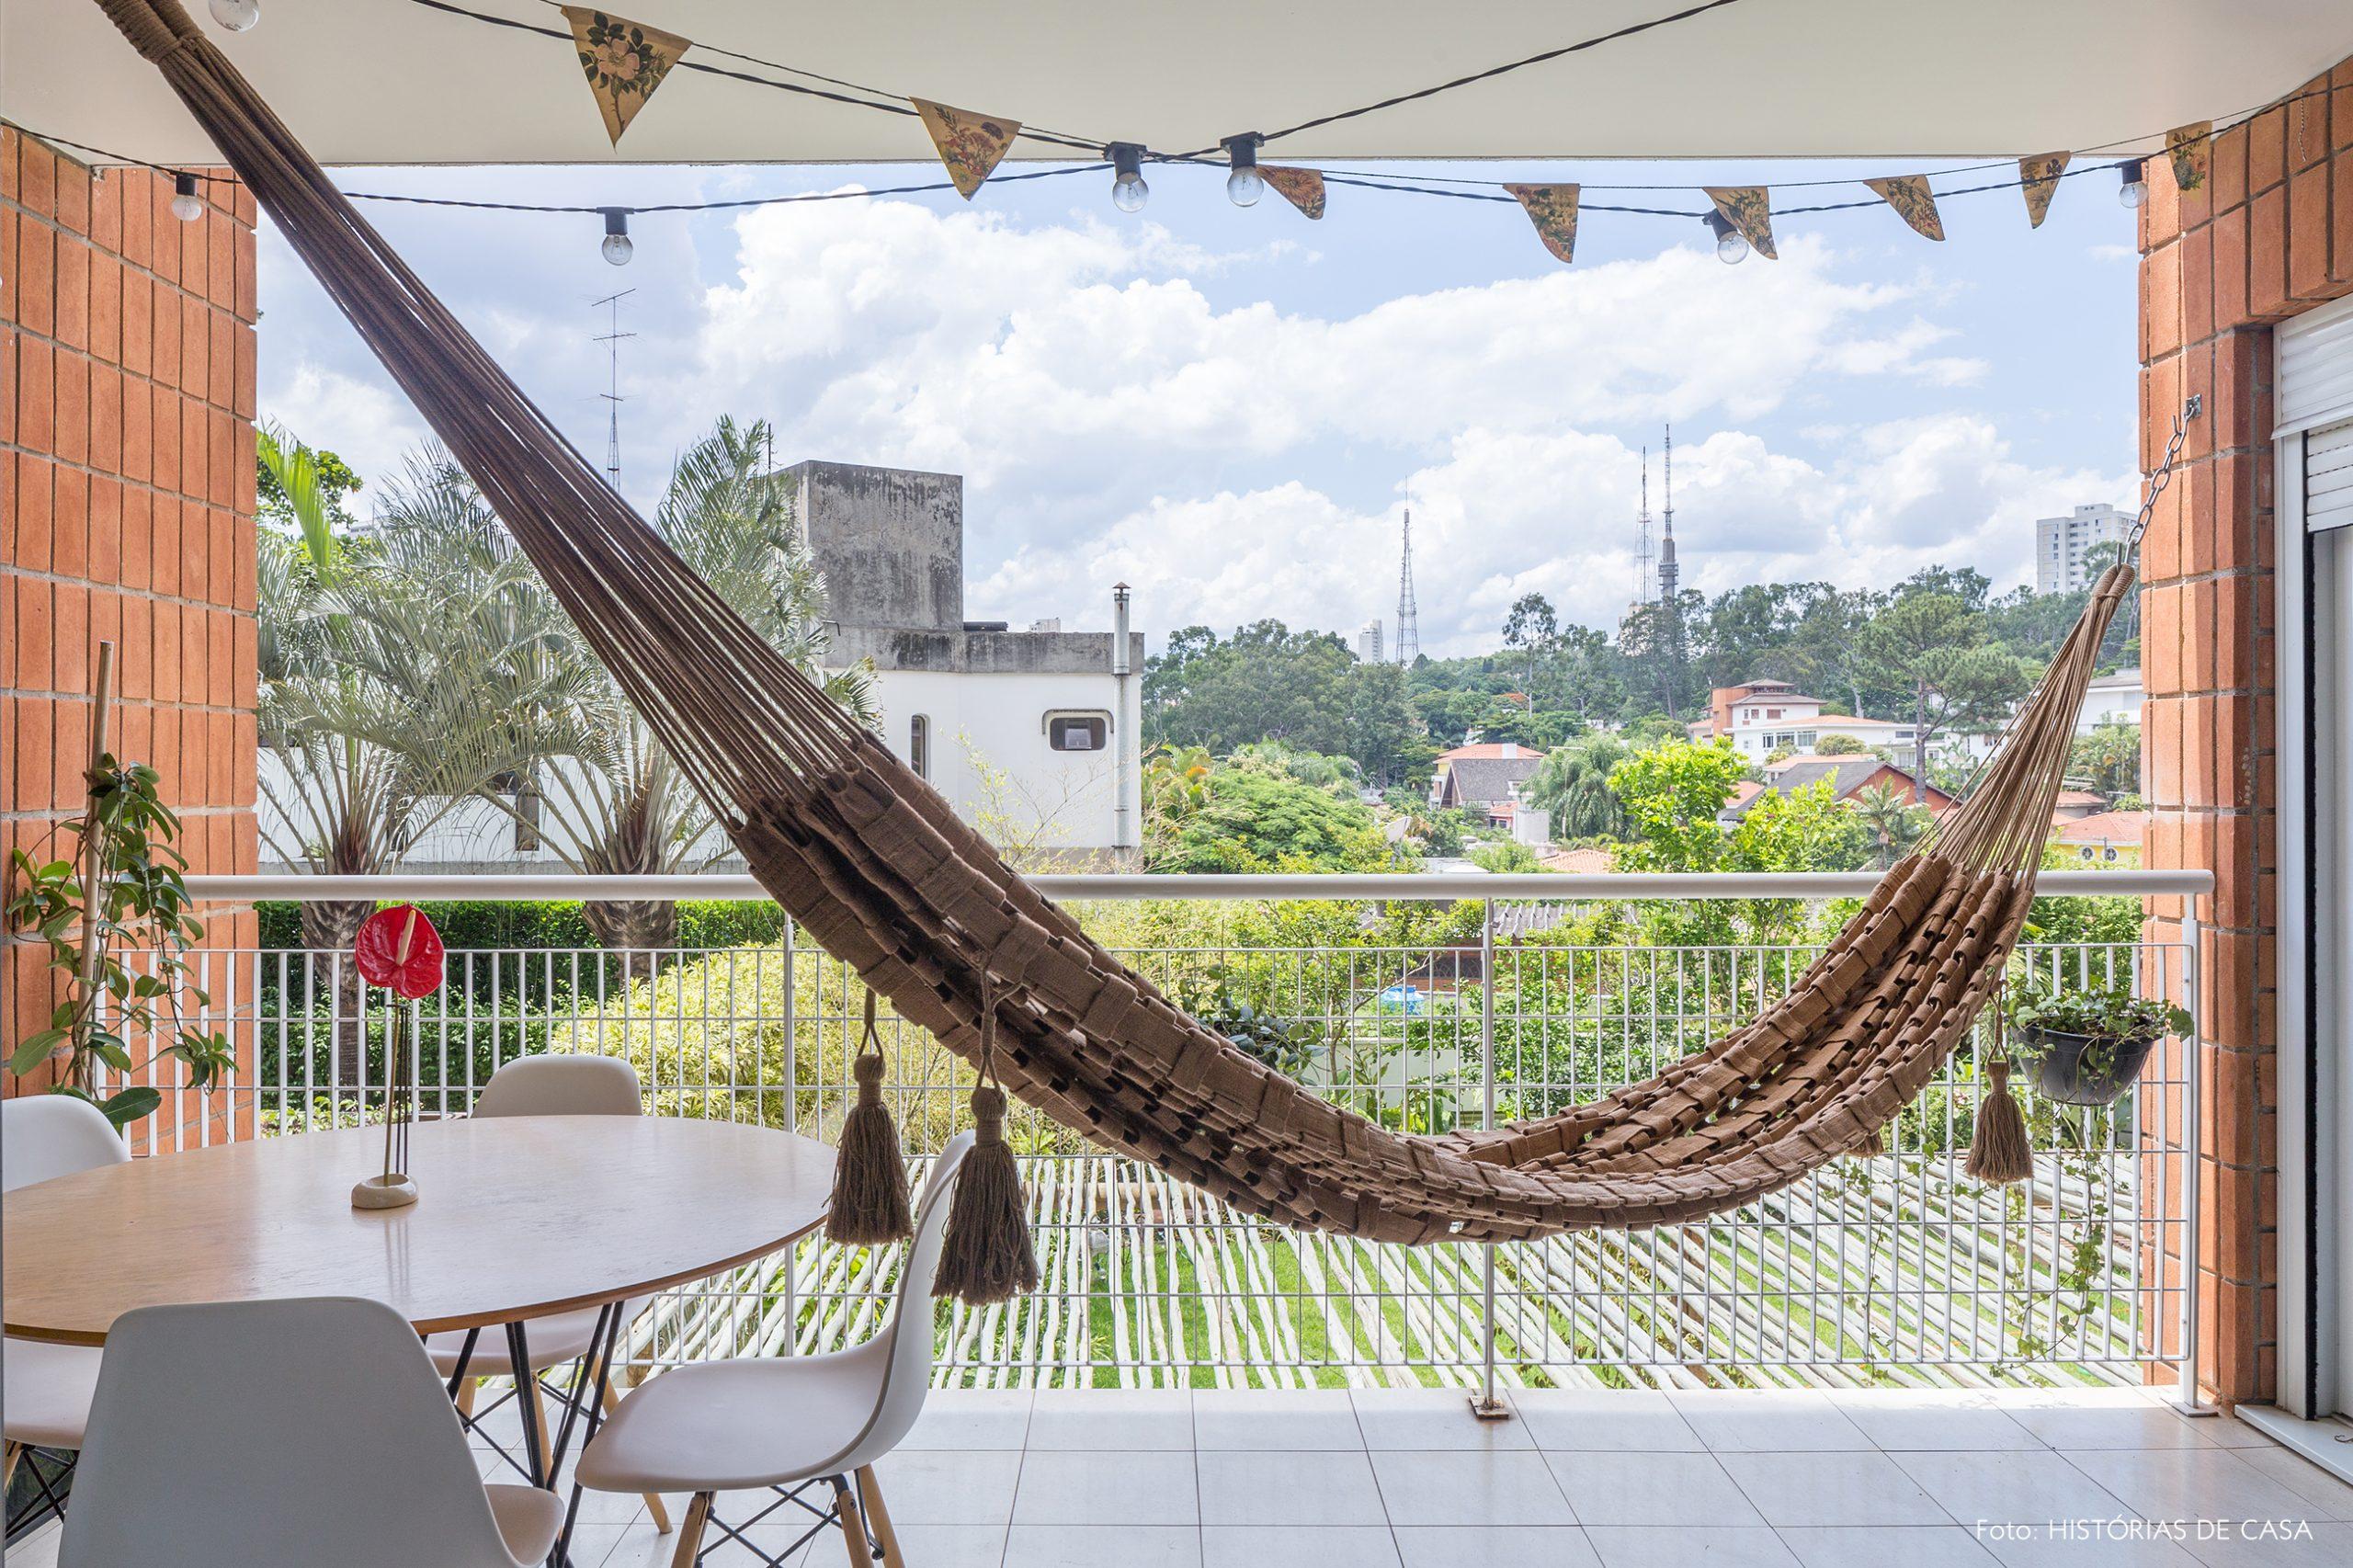 decoração varanda com rede e cadeira eames